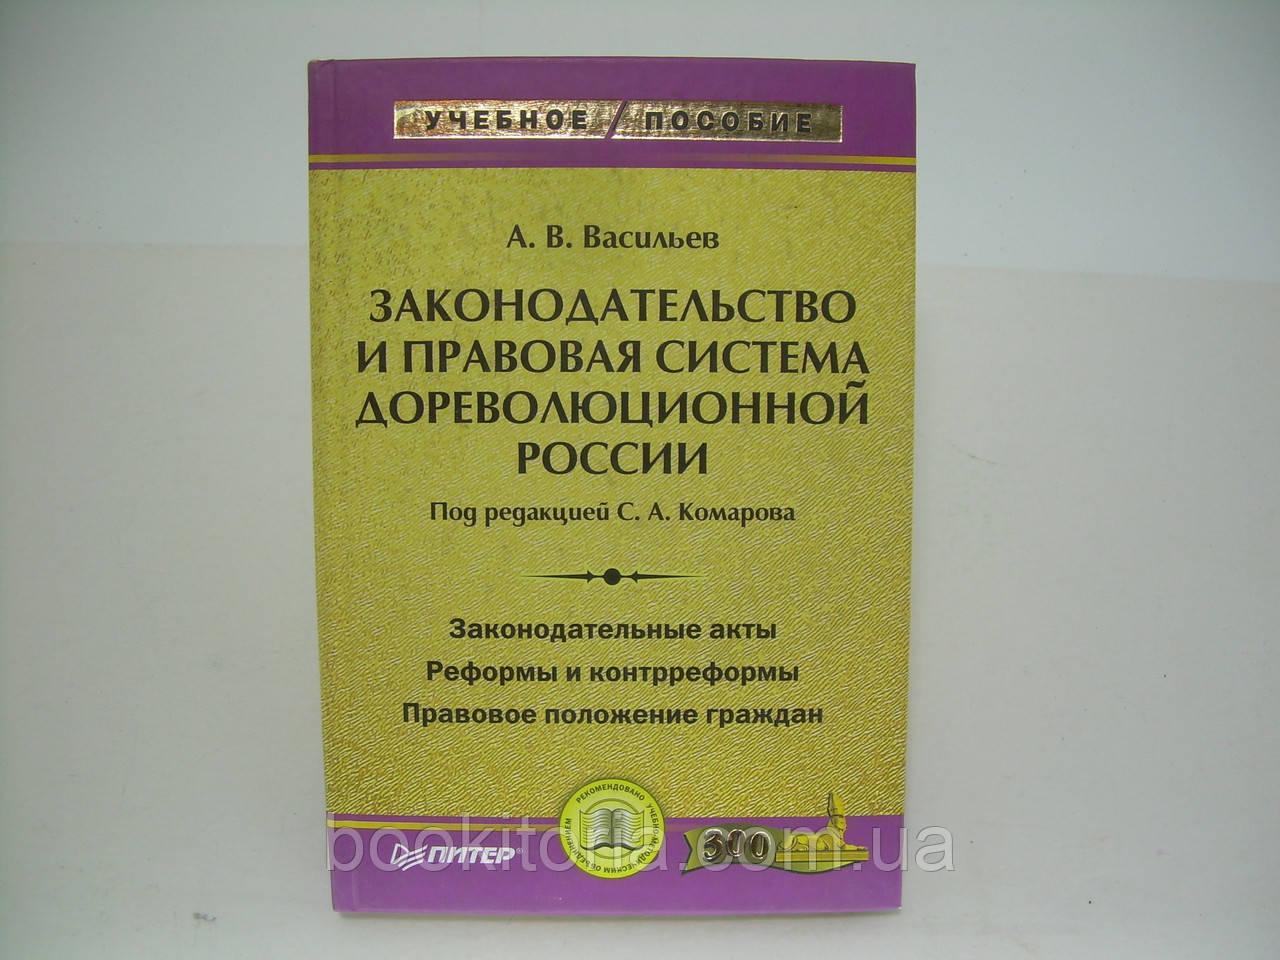 Васильев А. Законодательство и правовая система дореволюционной России (б/у).